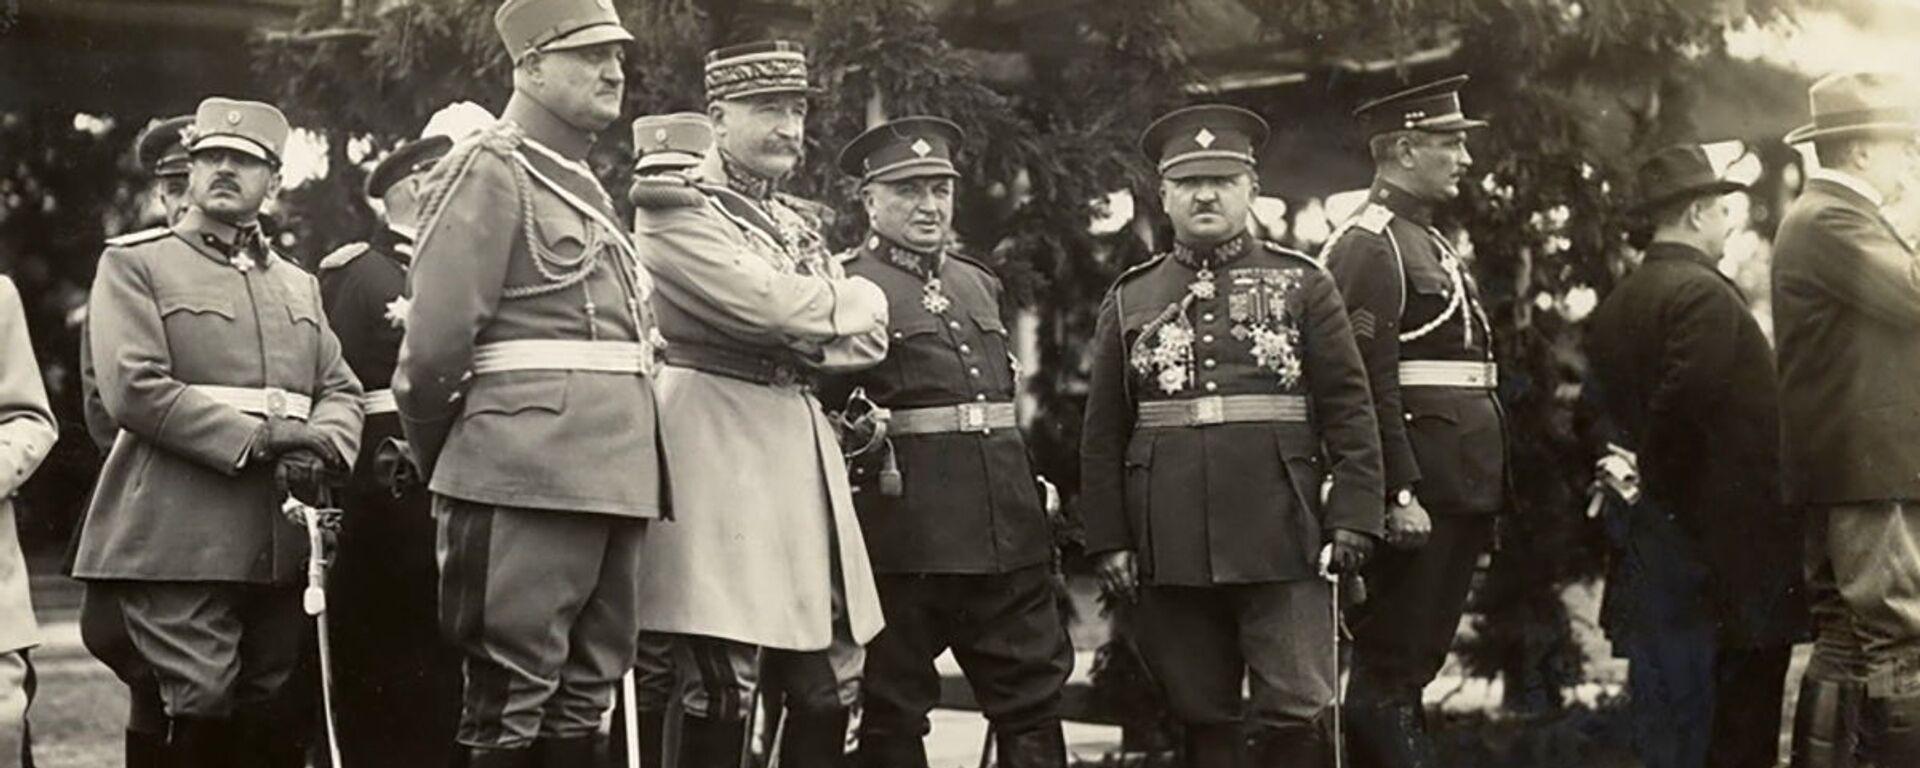 Francouzský generál Eugène Mittelhausser (třetí zleva v popředí) sleduje defilé čs. armády, které se uskutečnilo 28. října 1928 při příležitosti 10. jubilea vzniku Československé republiky - Sputnik Česká republika, 1920, 10.02.2021